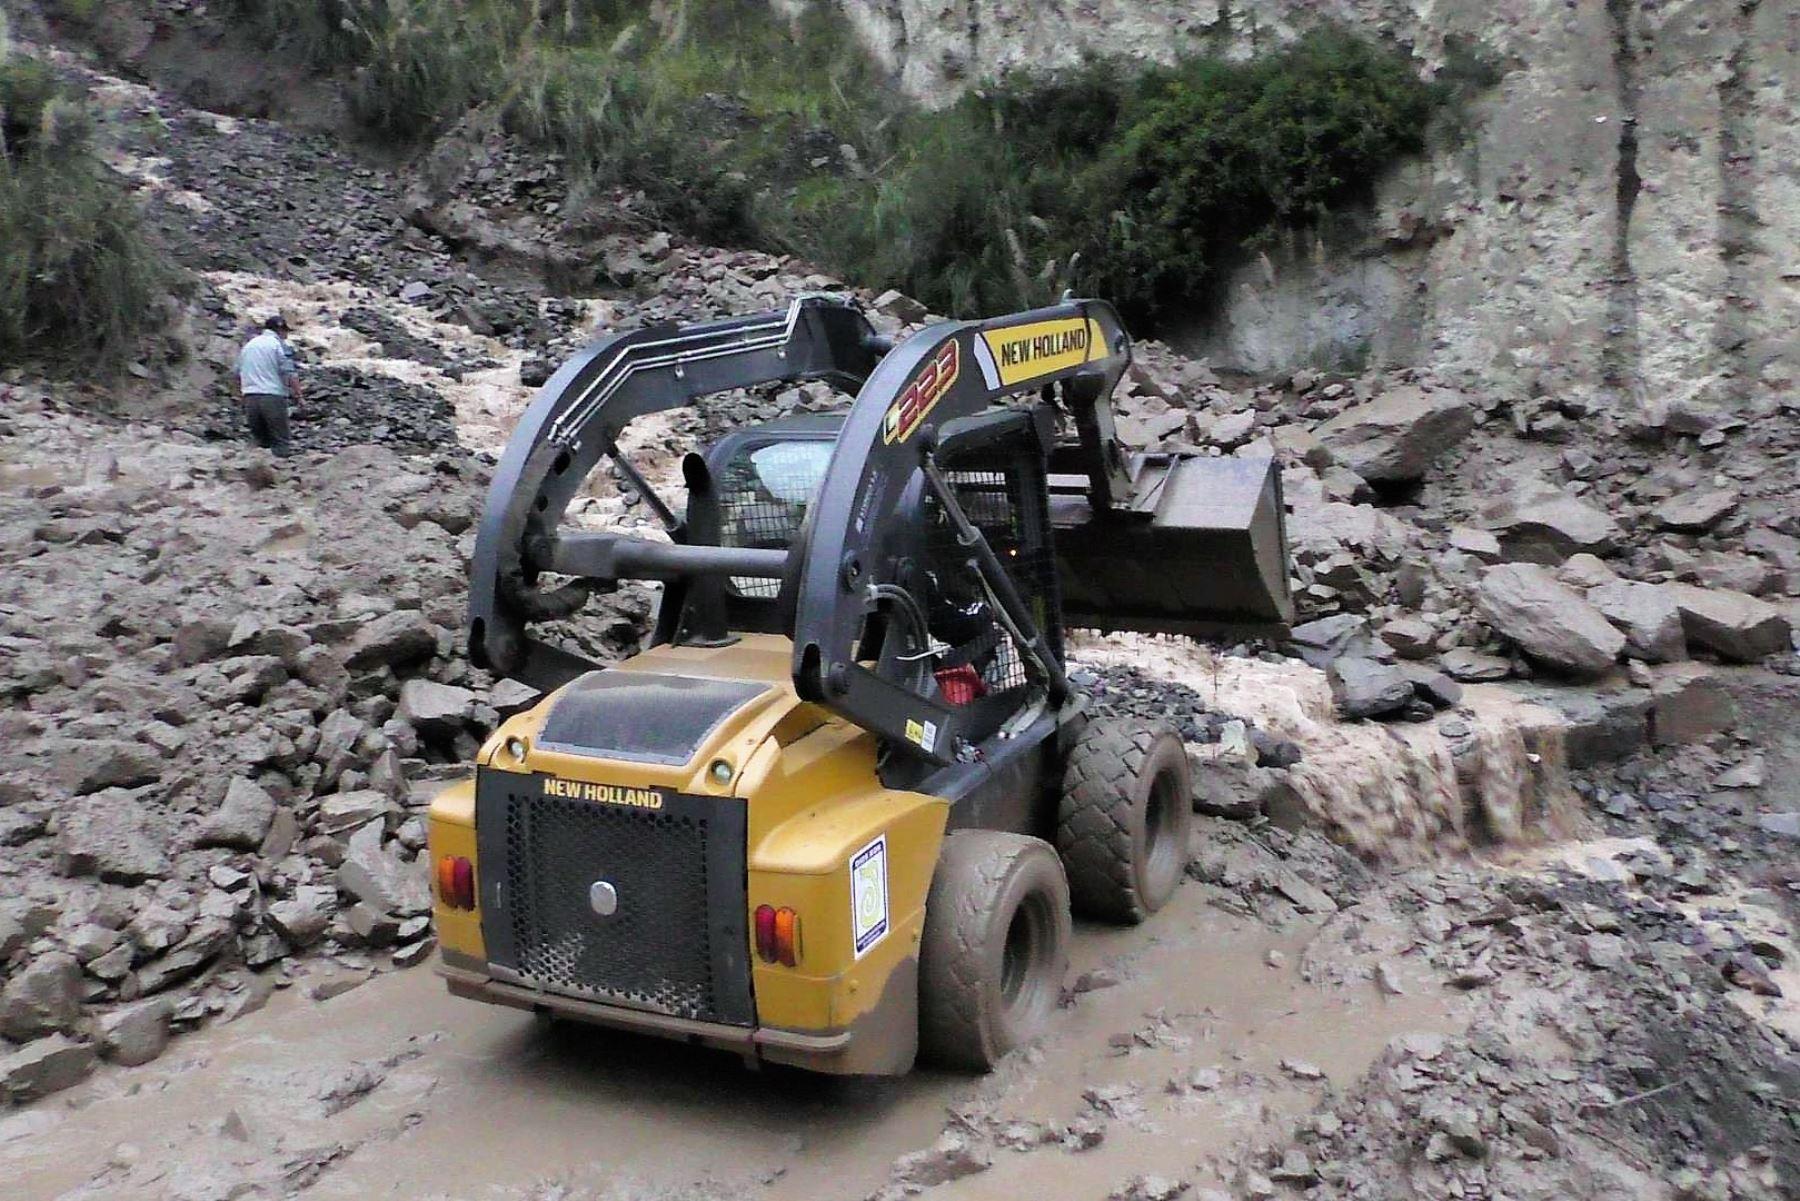 El distrito de Conchucos, en Áncash, fue el más afectado por la caída de un huaico a causa de las lluvias intensas. ANDINA